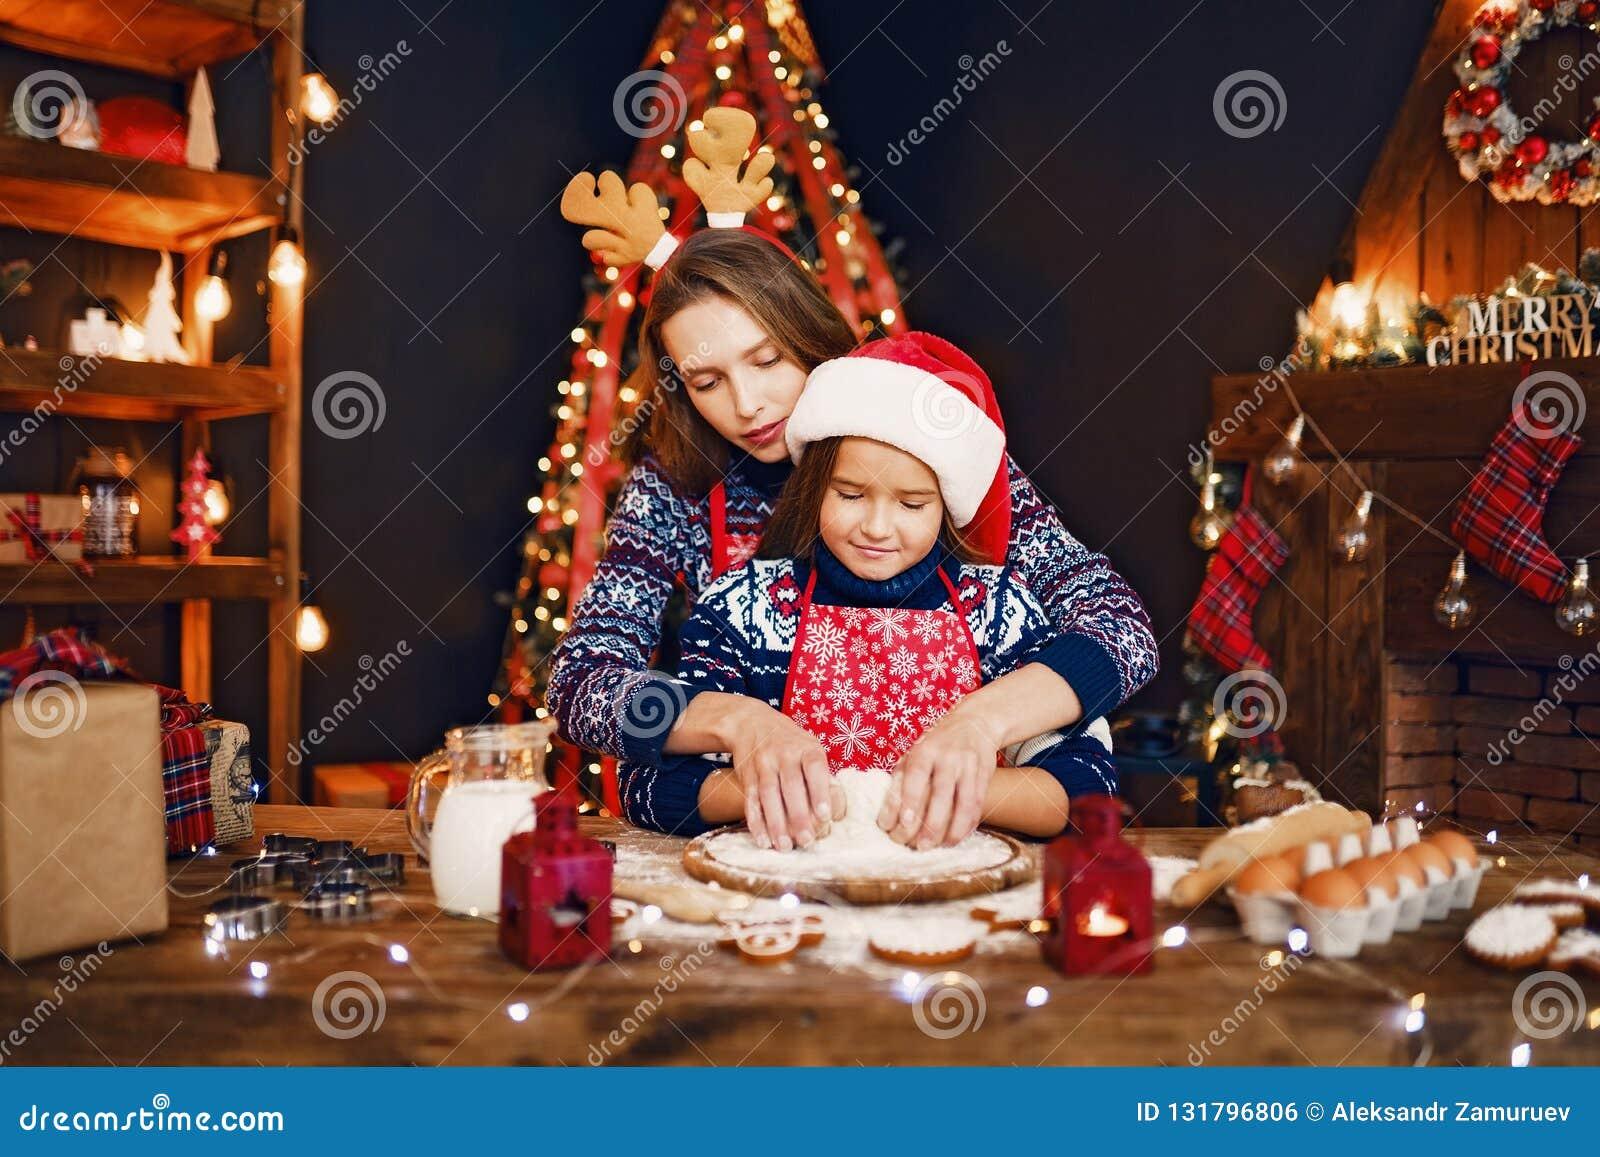 快活的圣诞节节日快乐 烹调圣诞节曲奇饼的母亲和女儿